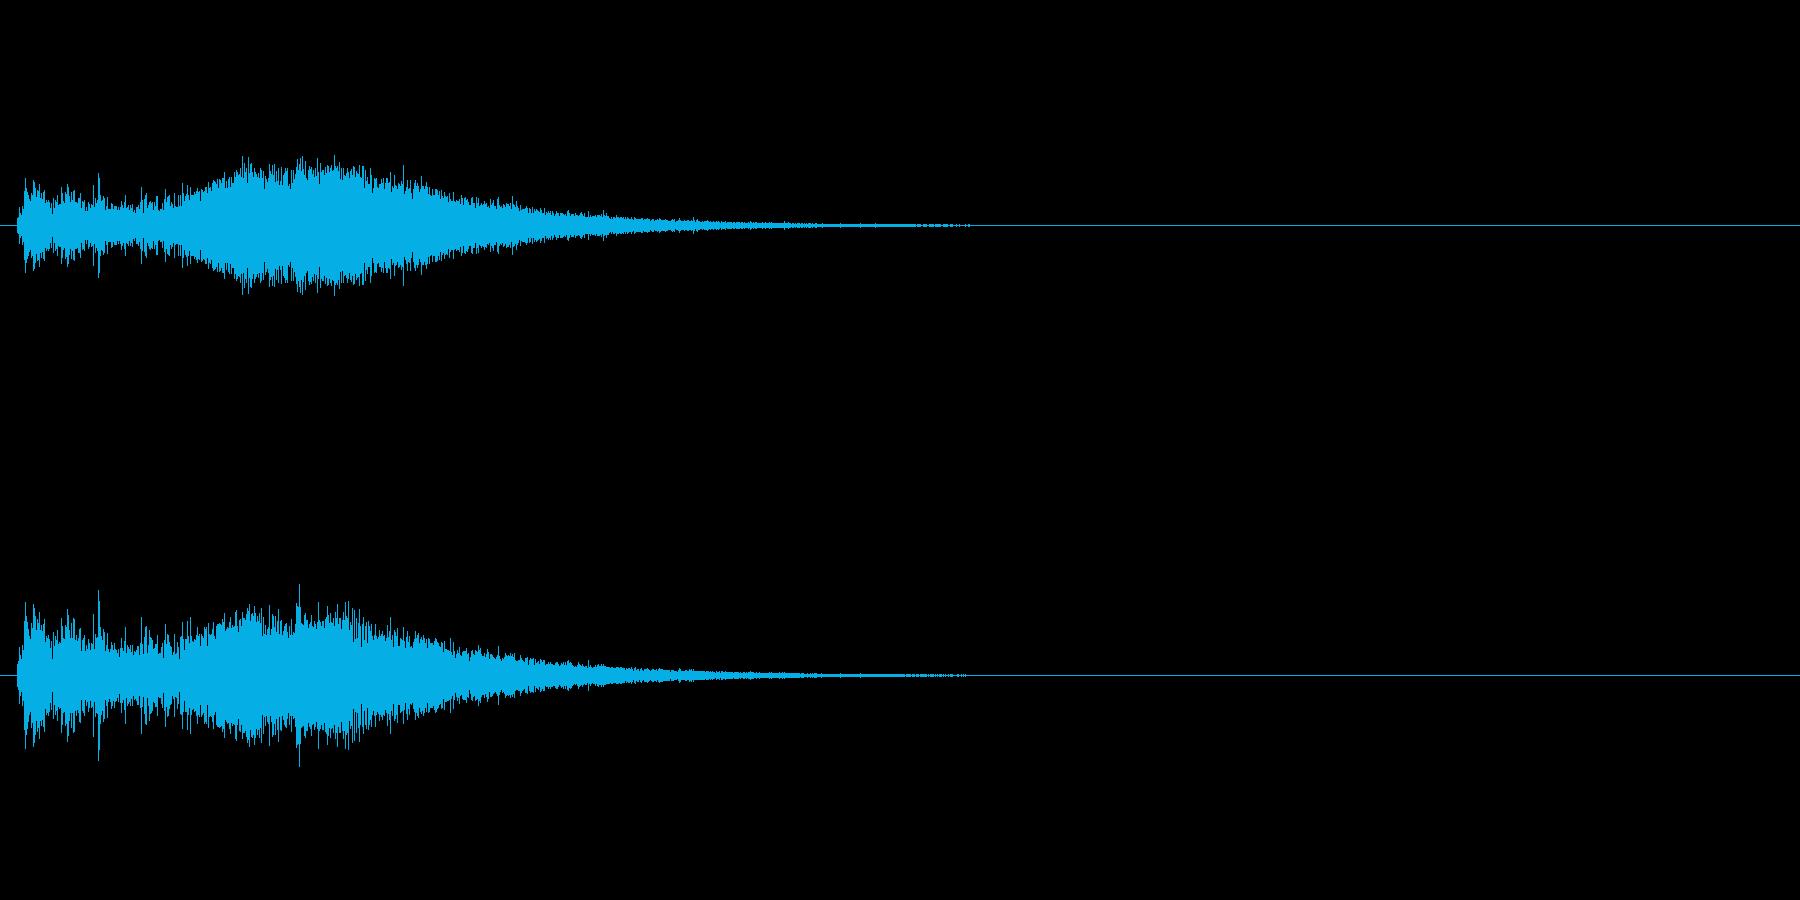 【シュイン】出現 ワープ 発動 瞬間移動の再生済みの波形